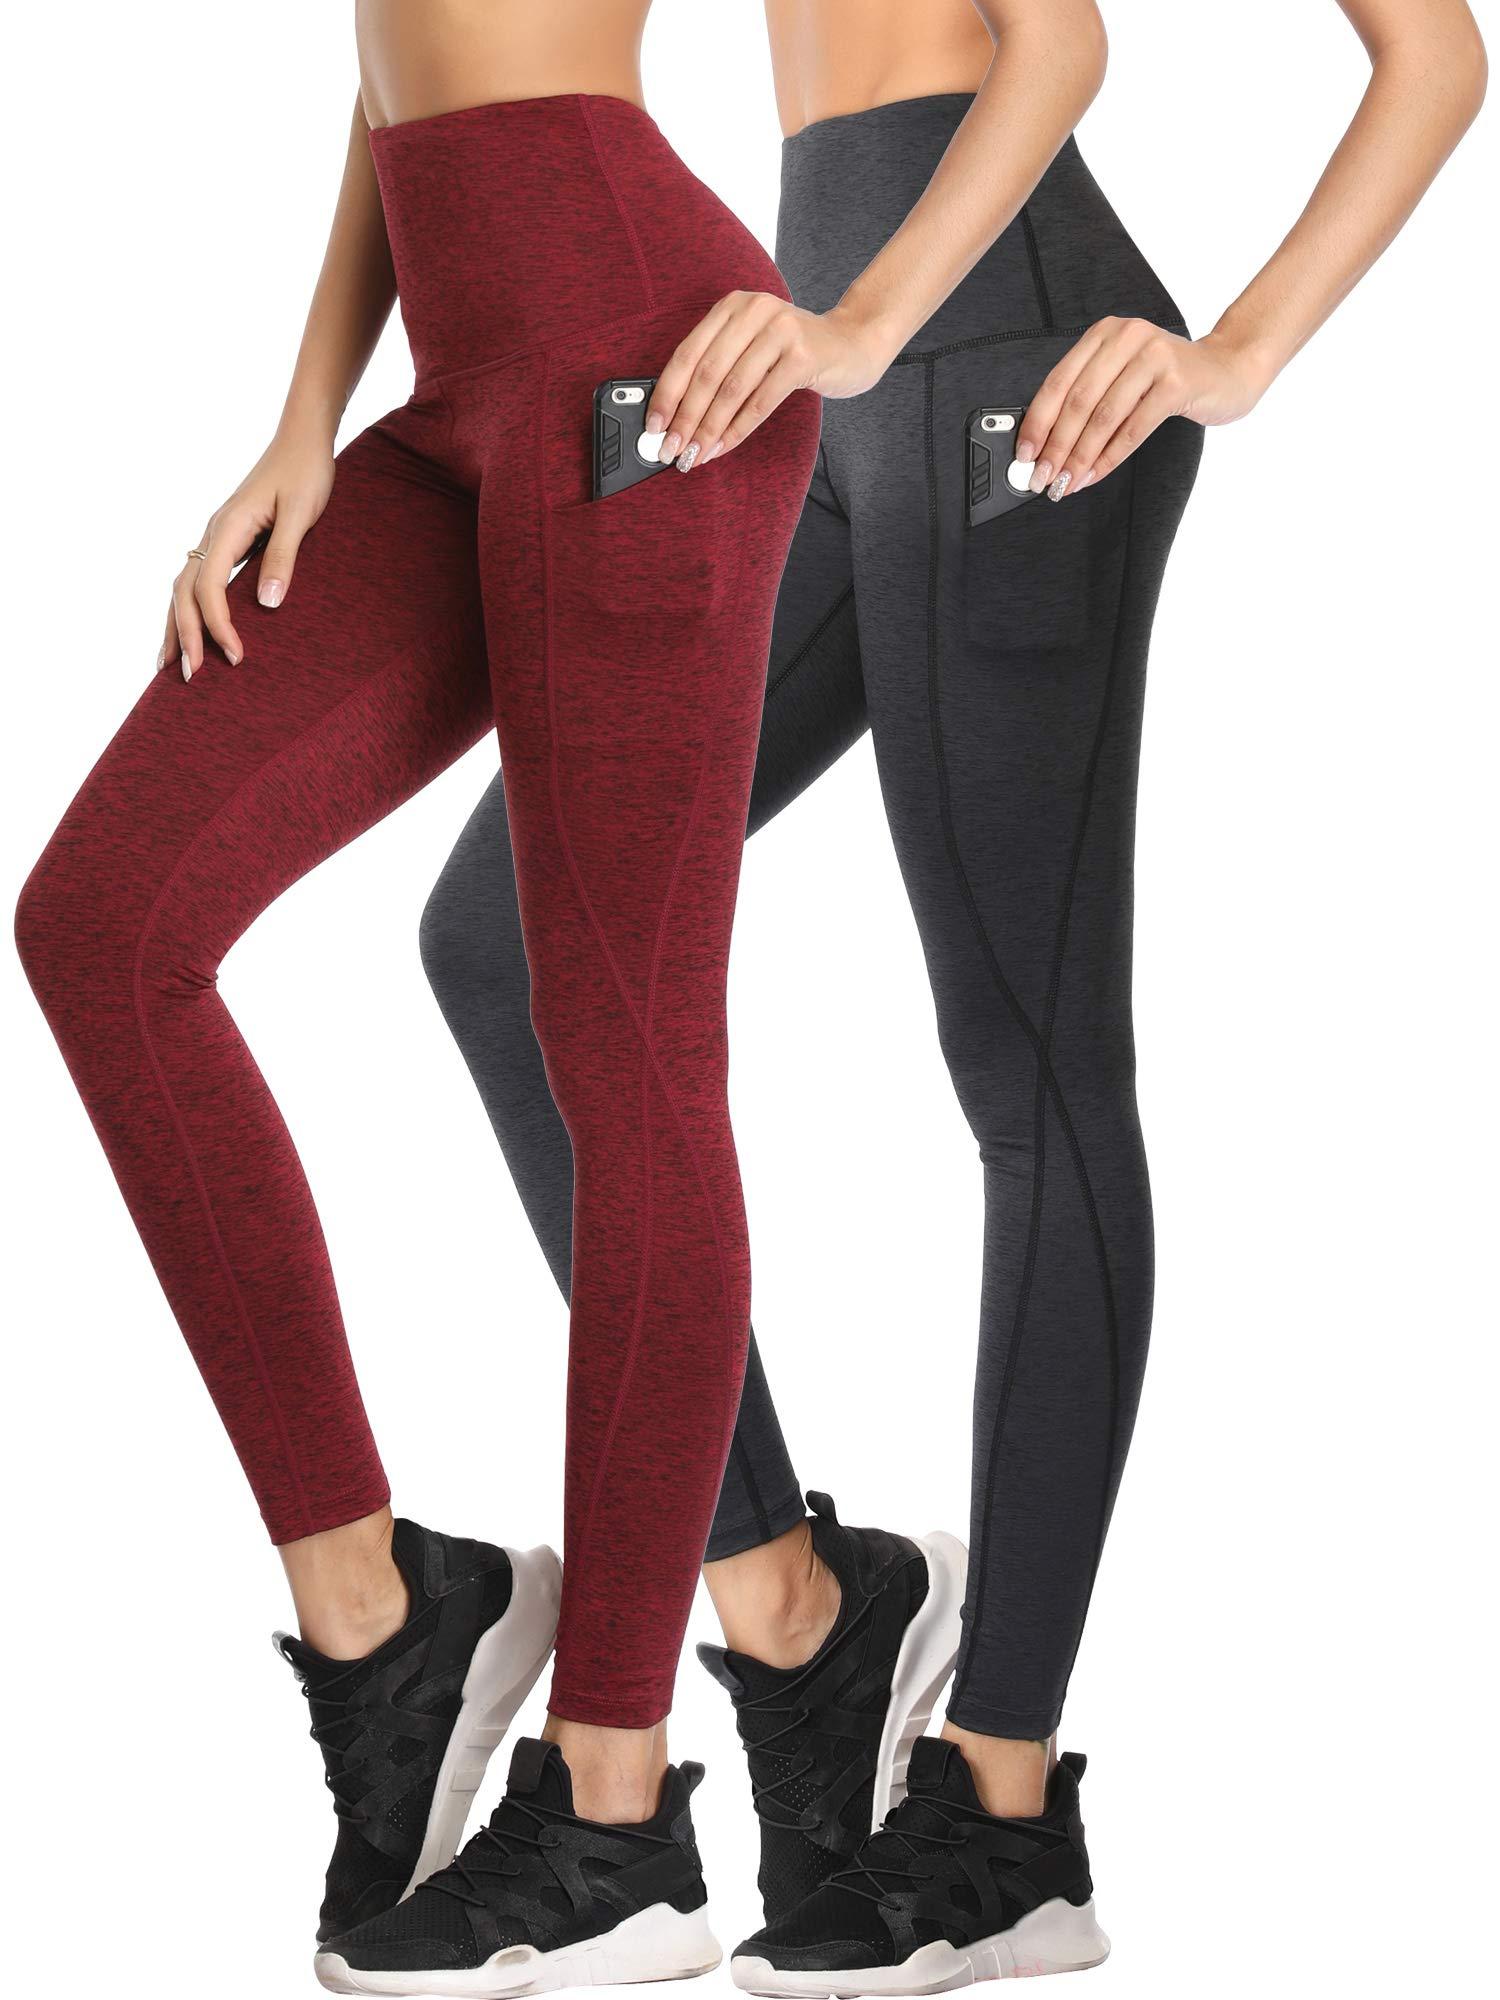 Cadmus Womens Tummy Control Running Leggings for Yoga,1102,Dark Grey & Red,Small